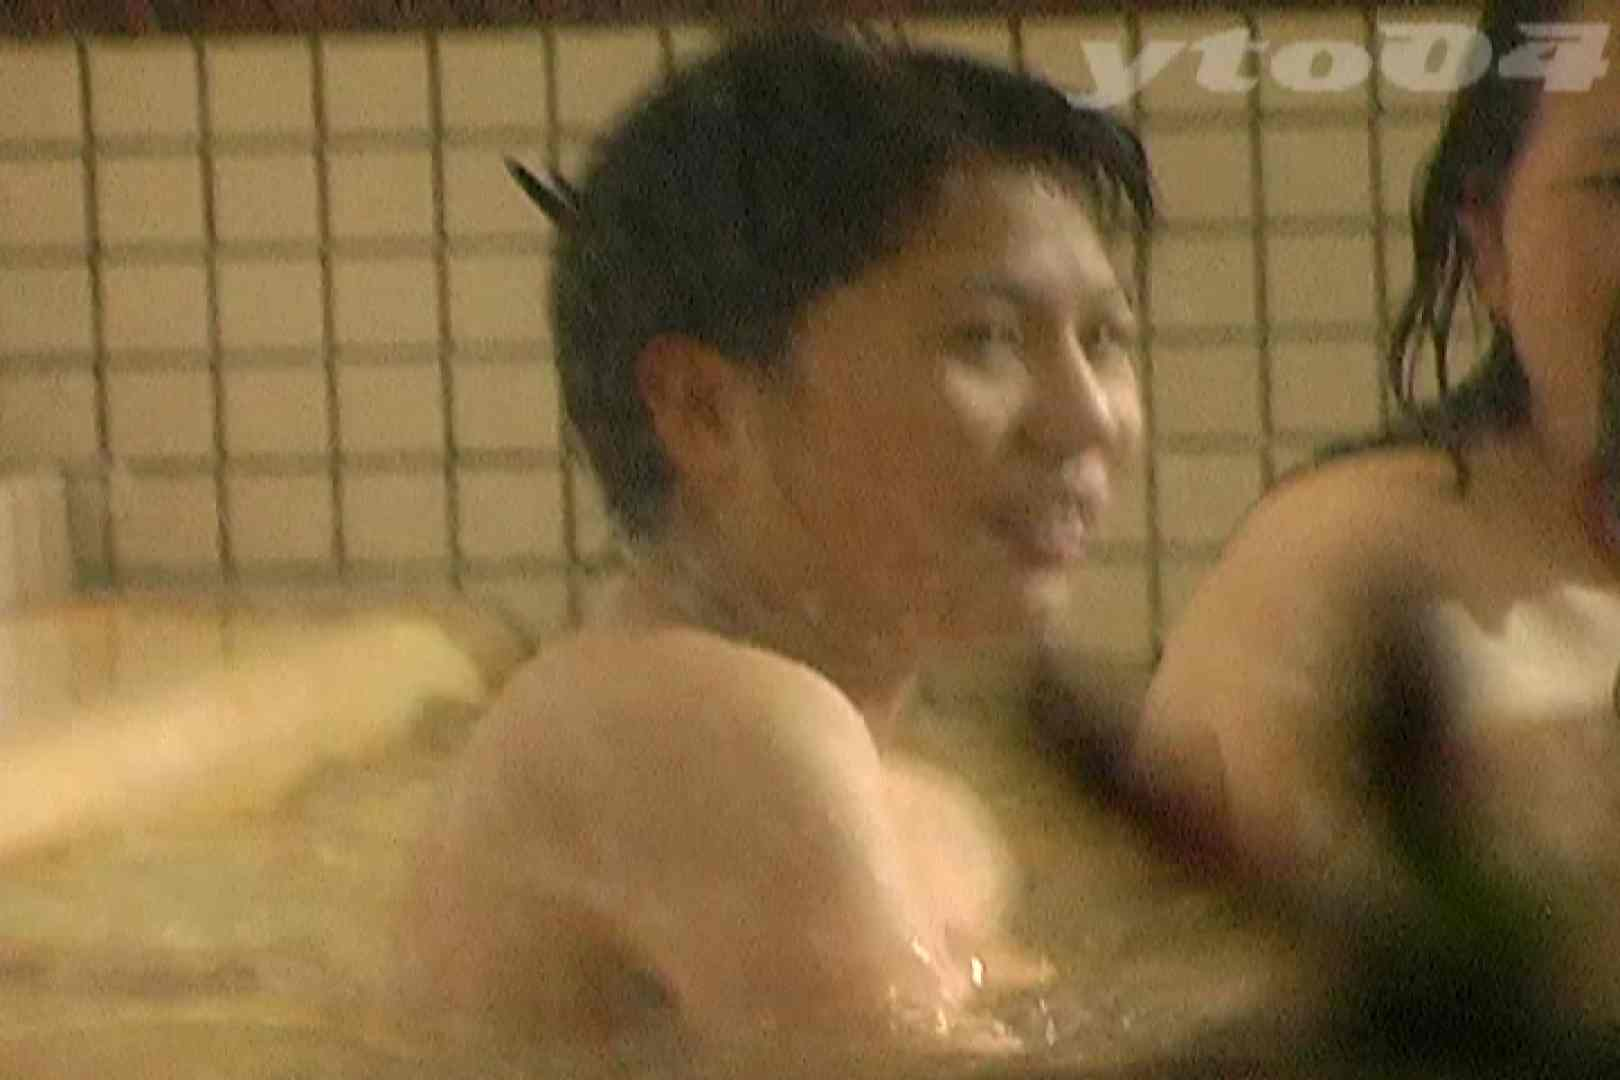 ▲復活限定▲合宿ホテル女風呂盗撮 Vol.26 盗撮エロすぎ   名作  85連発 56